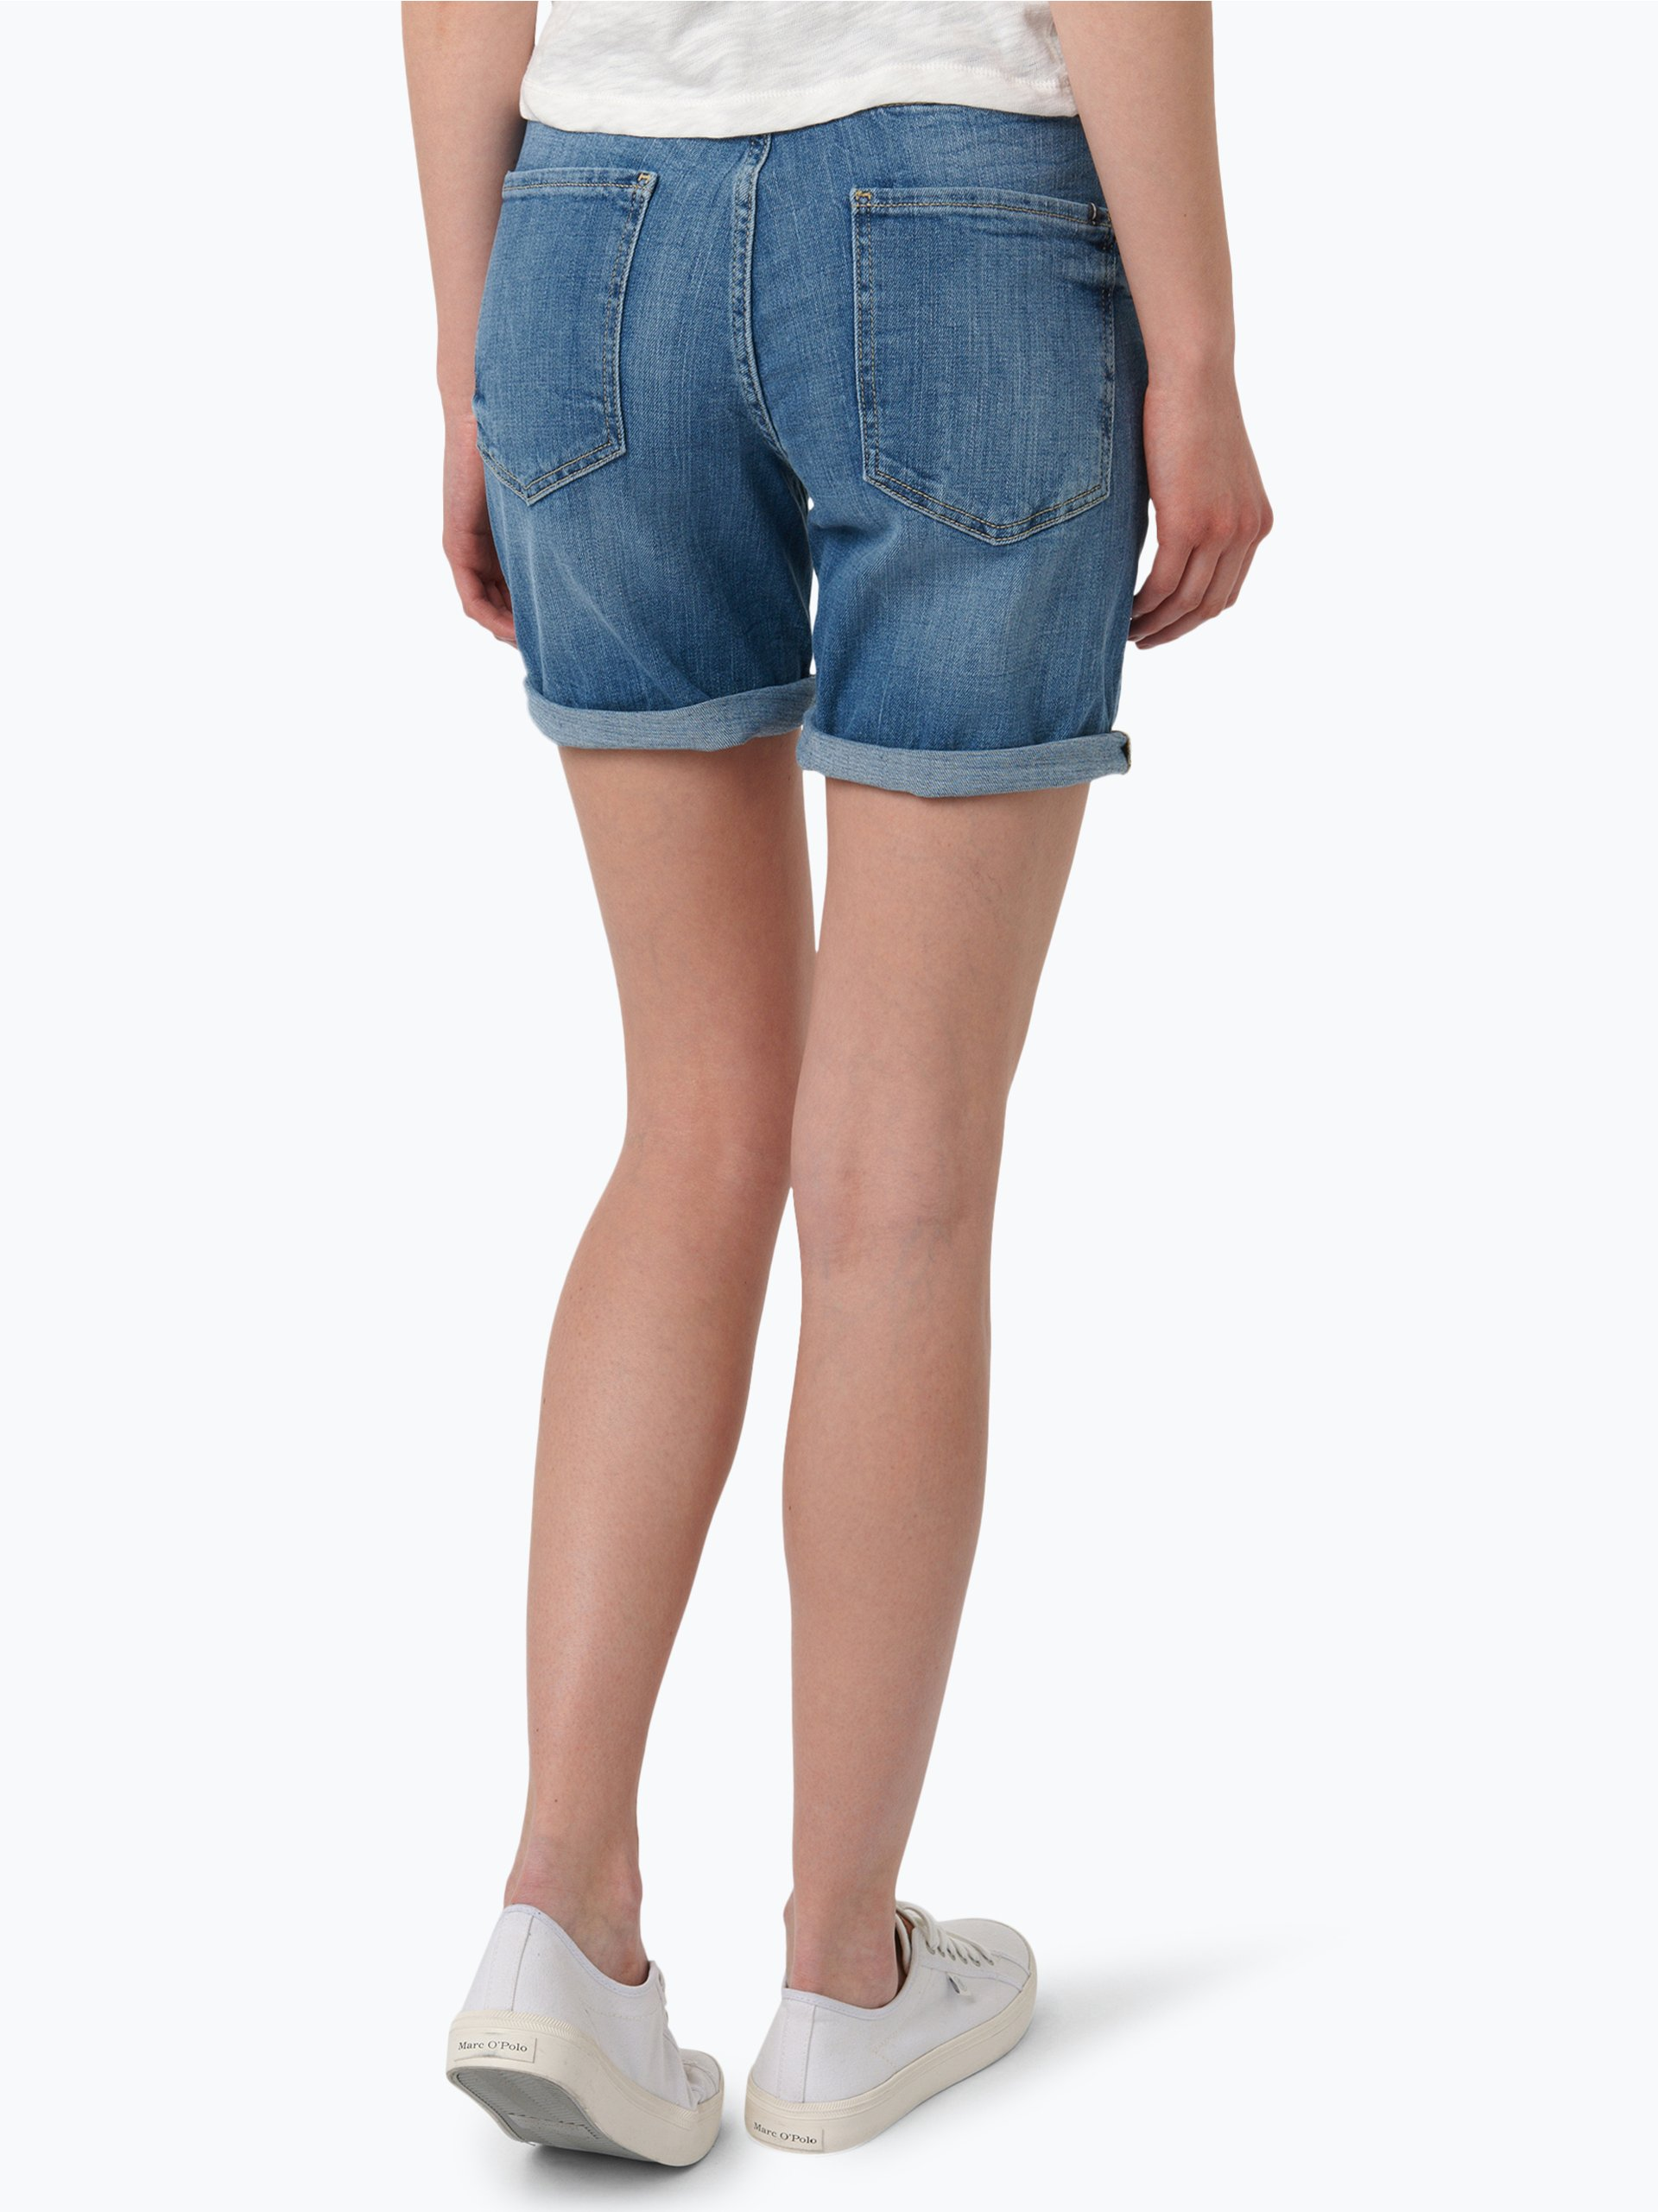 Marc O'Polo Damen Shorts